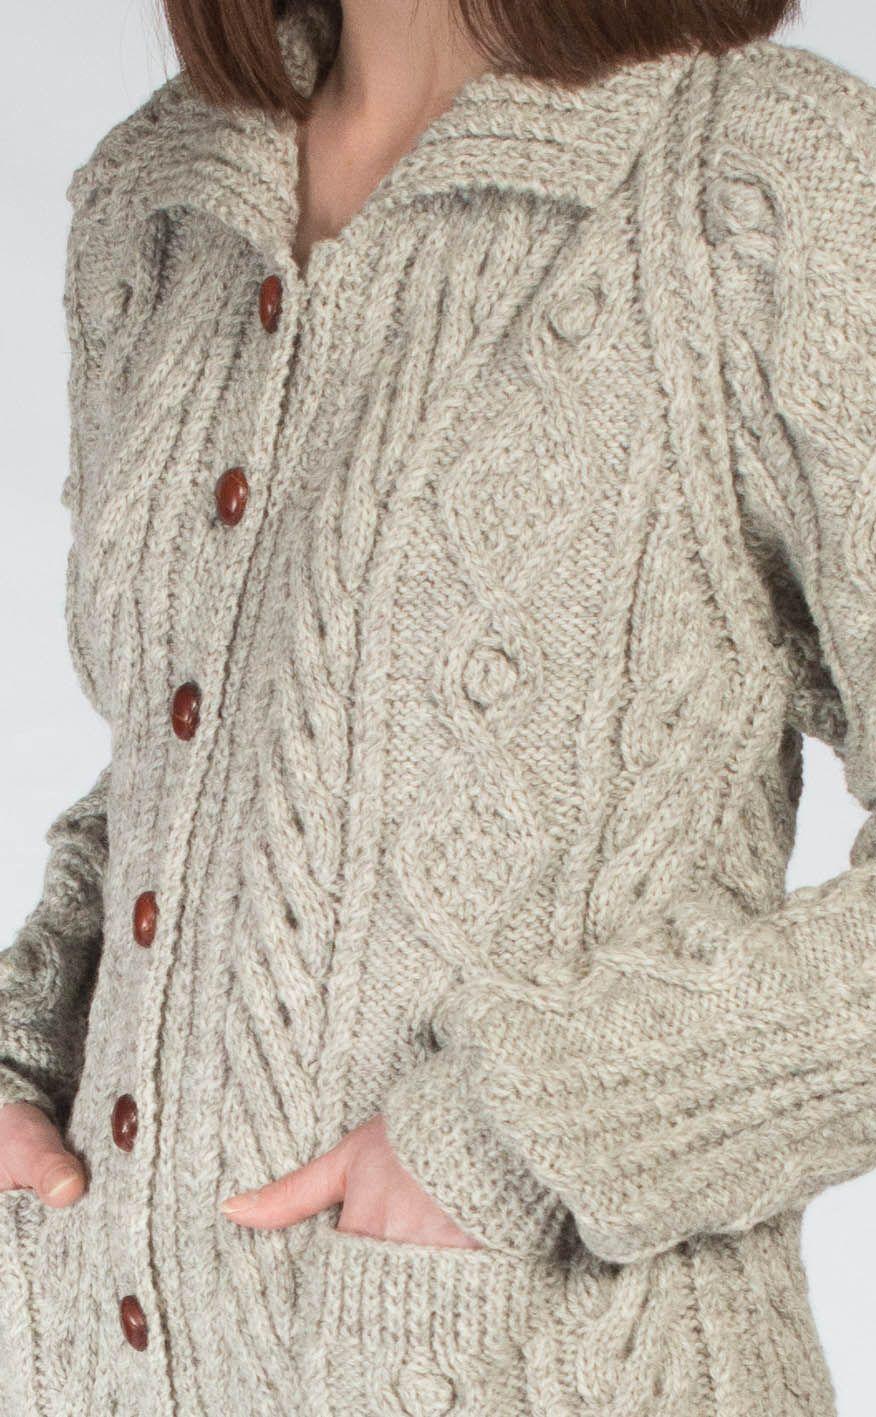 Ladies Luxury Hand-Knitted Aran Cardigan - Ness. Scotweb | irish ...